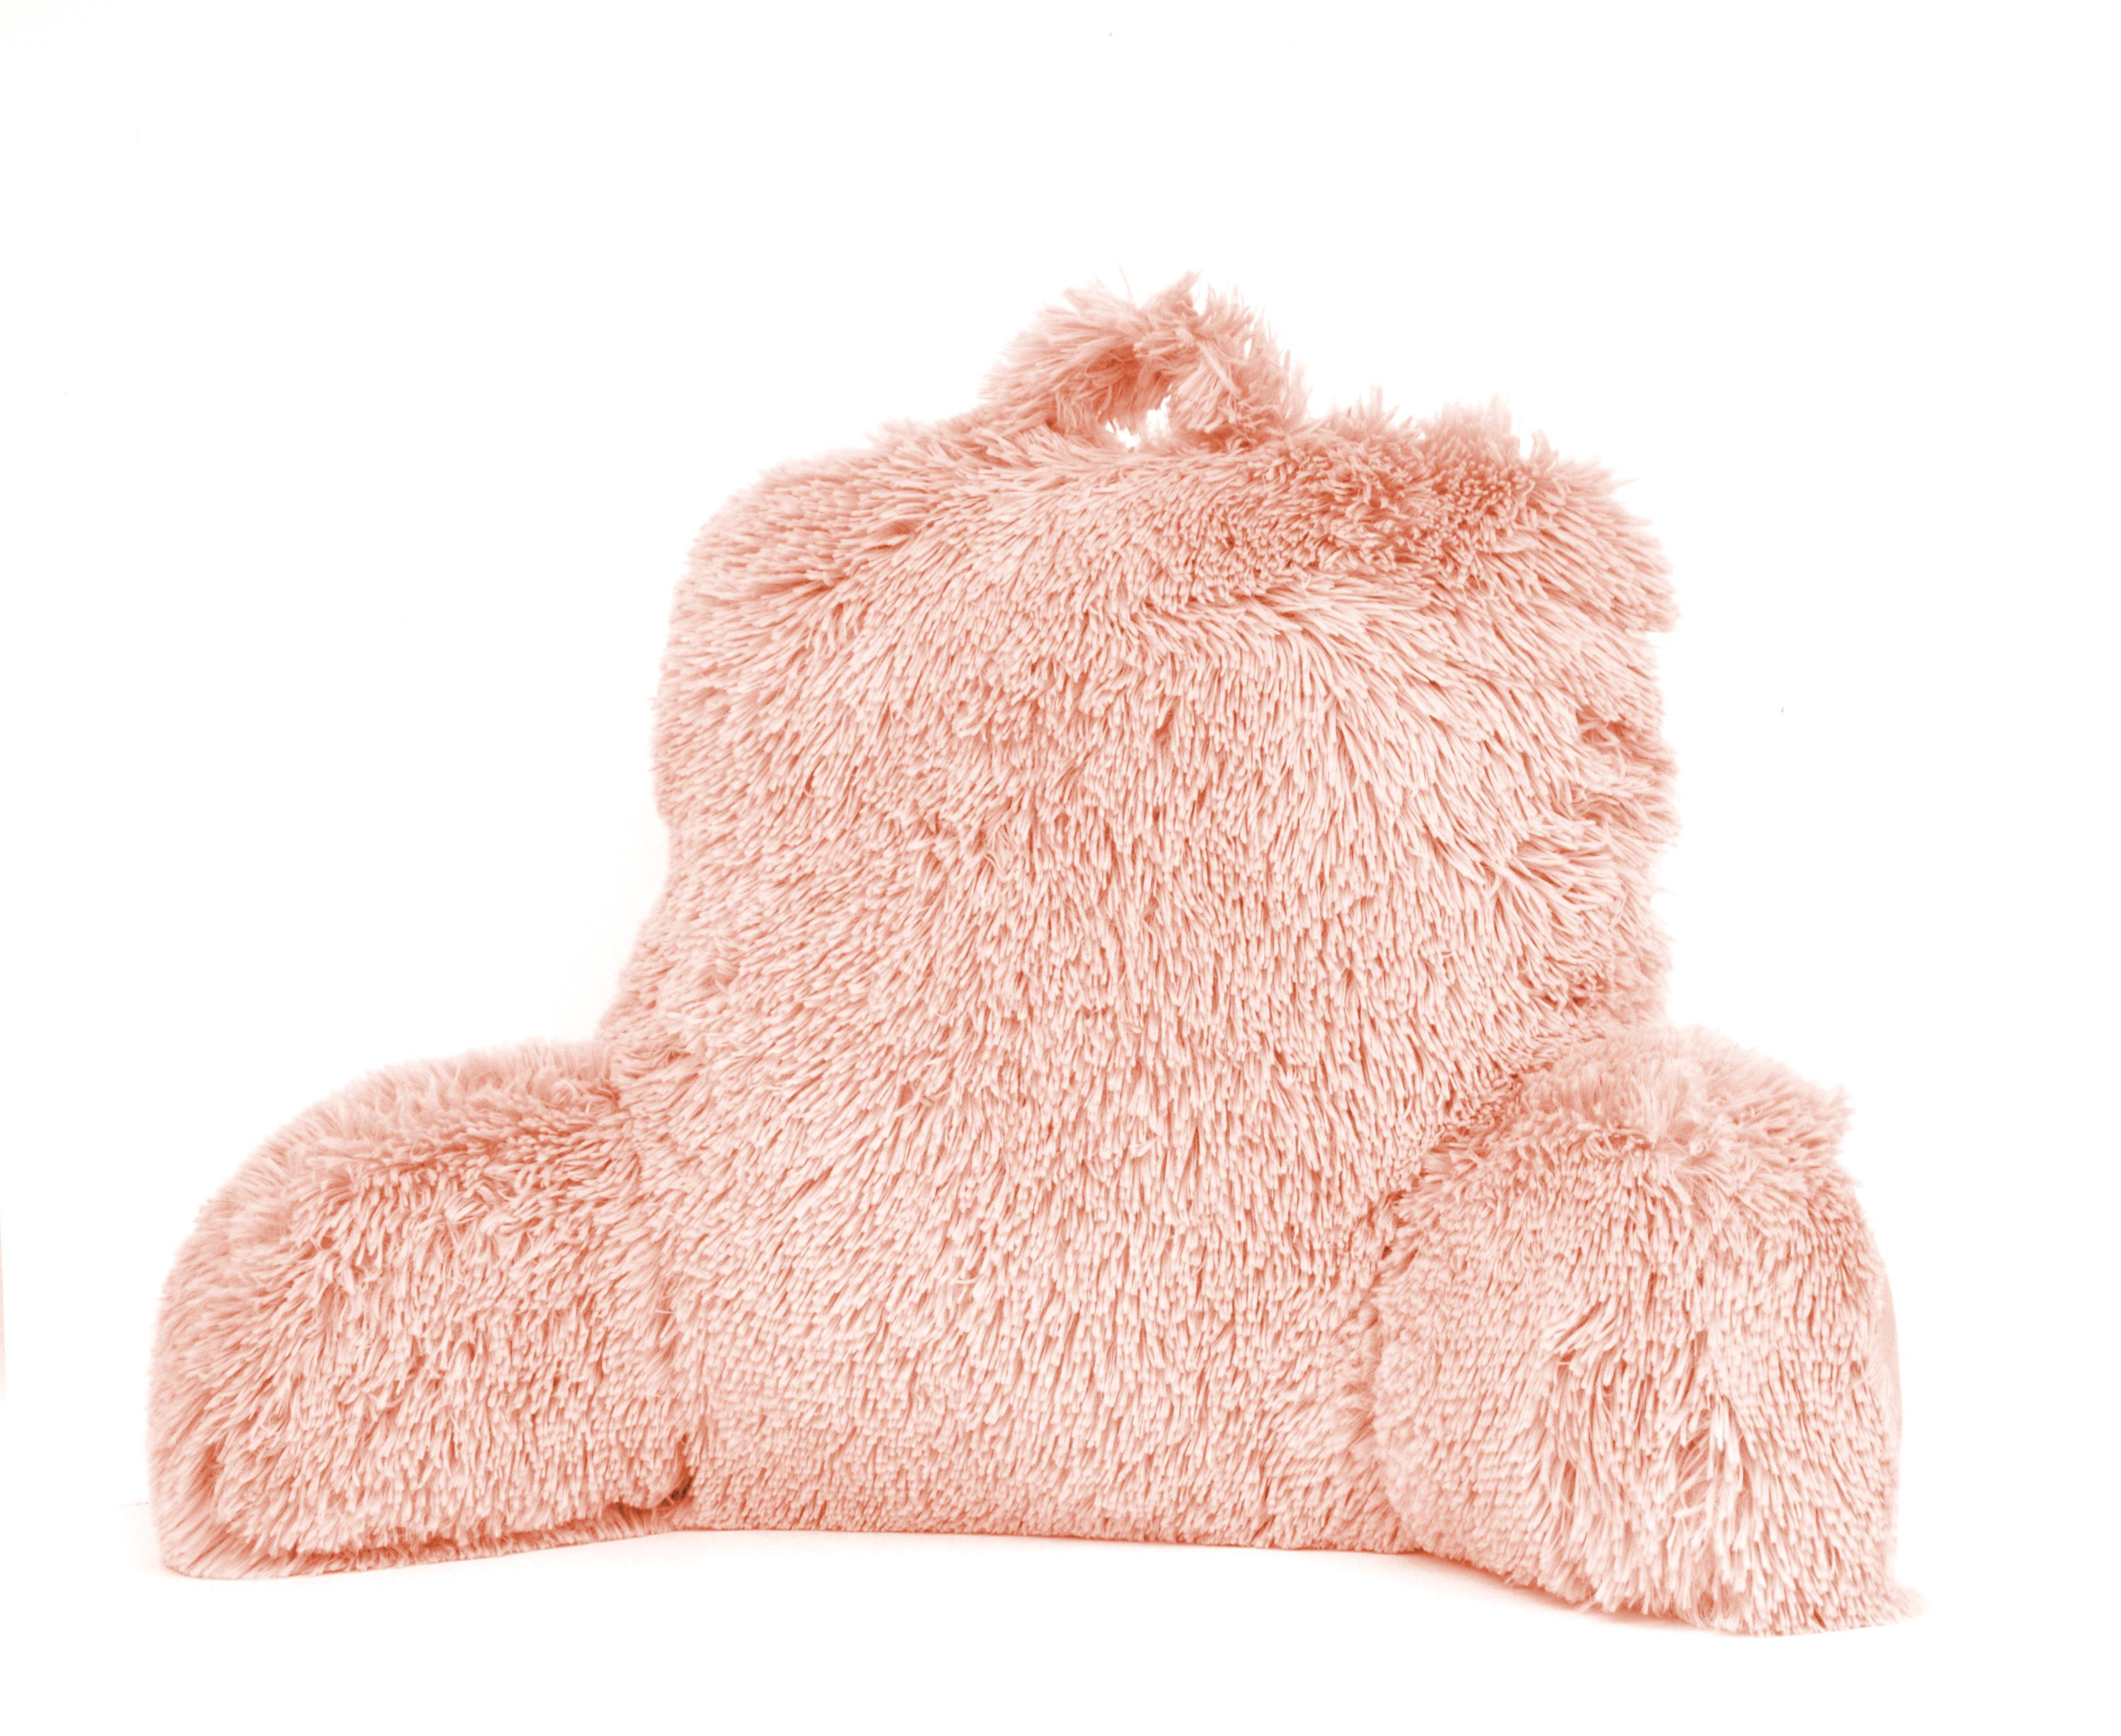 Mainstays Long Hair Faux Fur Backrest Pillow, Blush